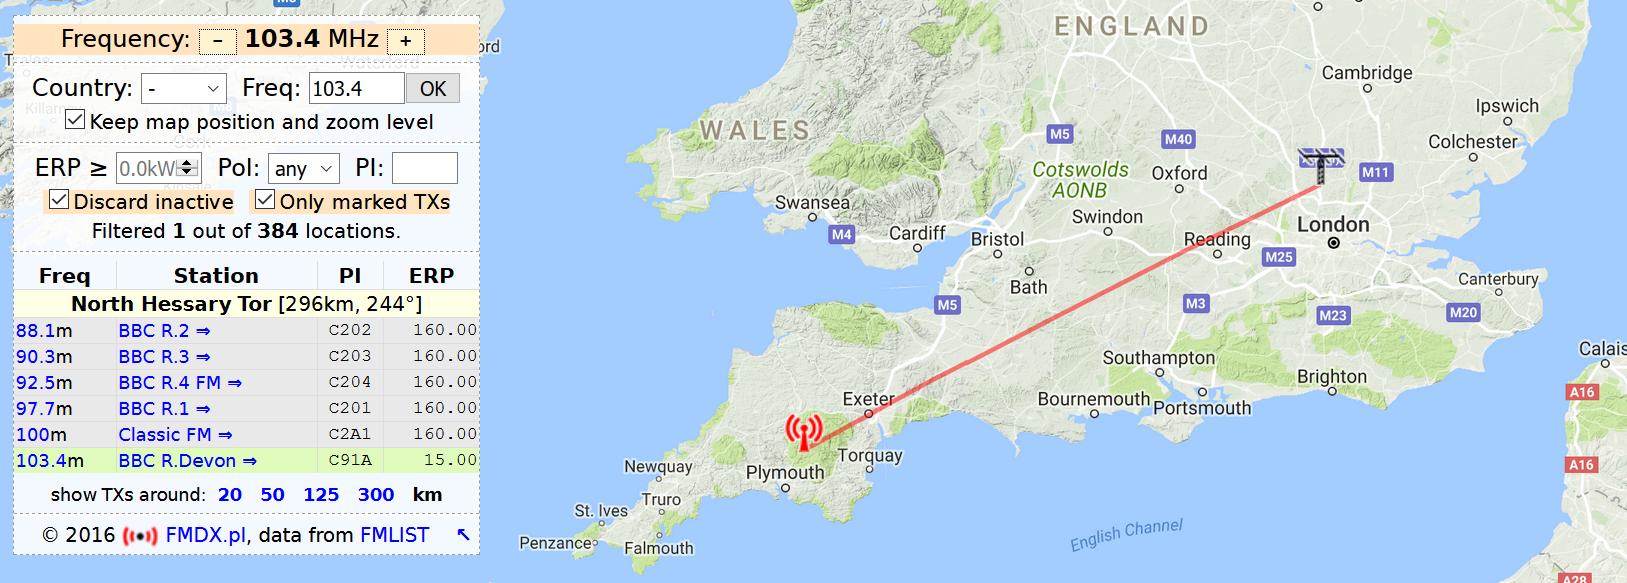 103.4 BBC R. Devon